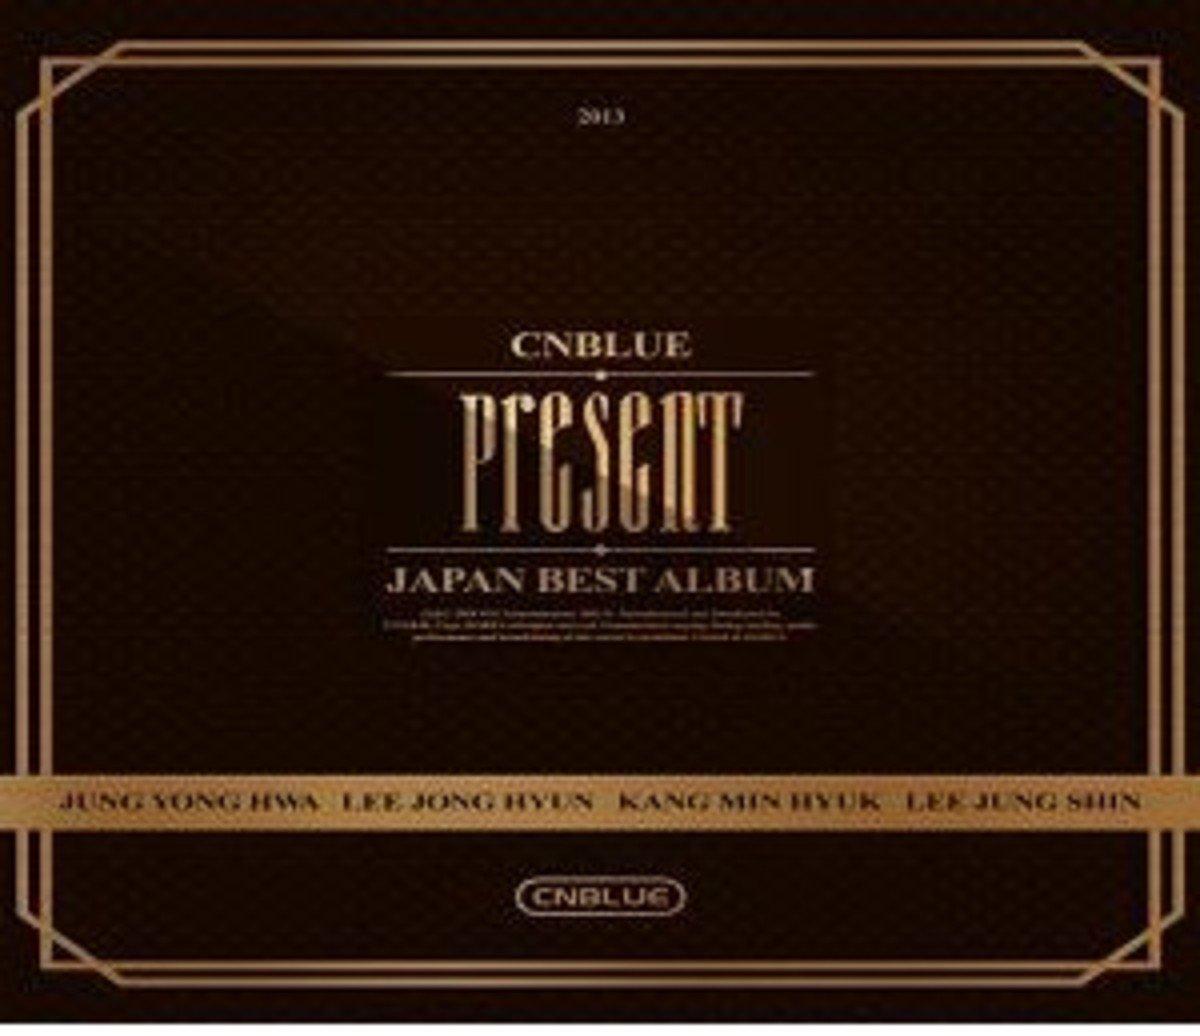 CNBLUE - JAPAN BEST ALBUM [PRESENT] _47500